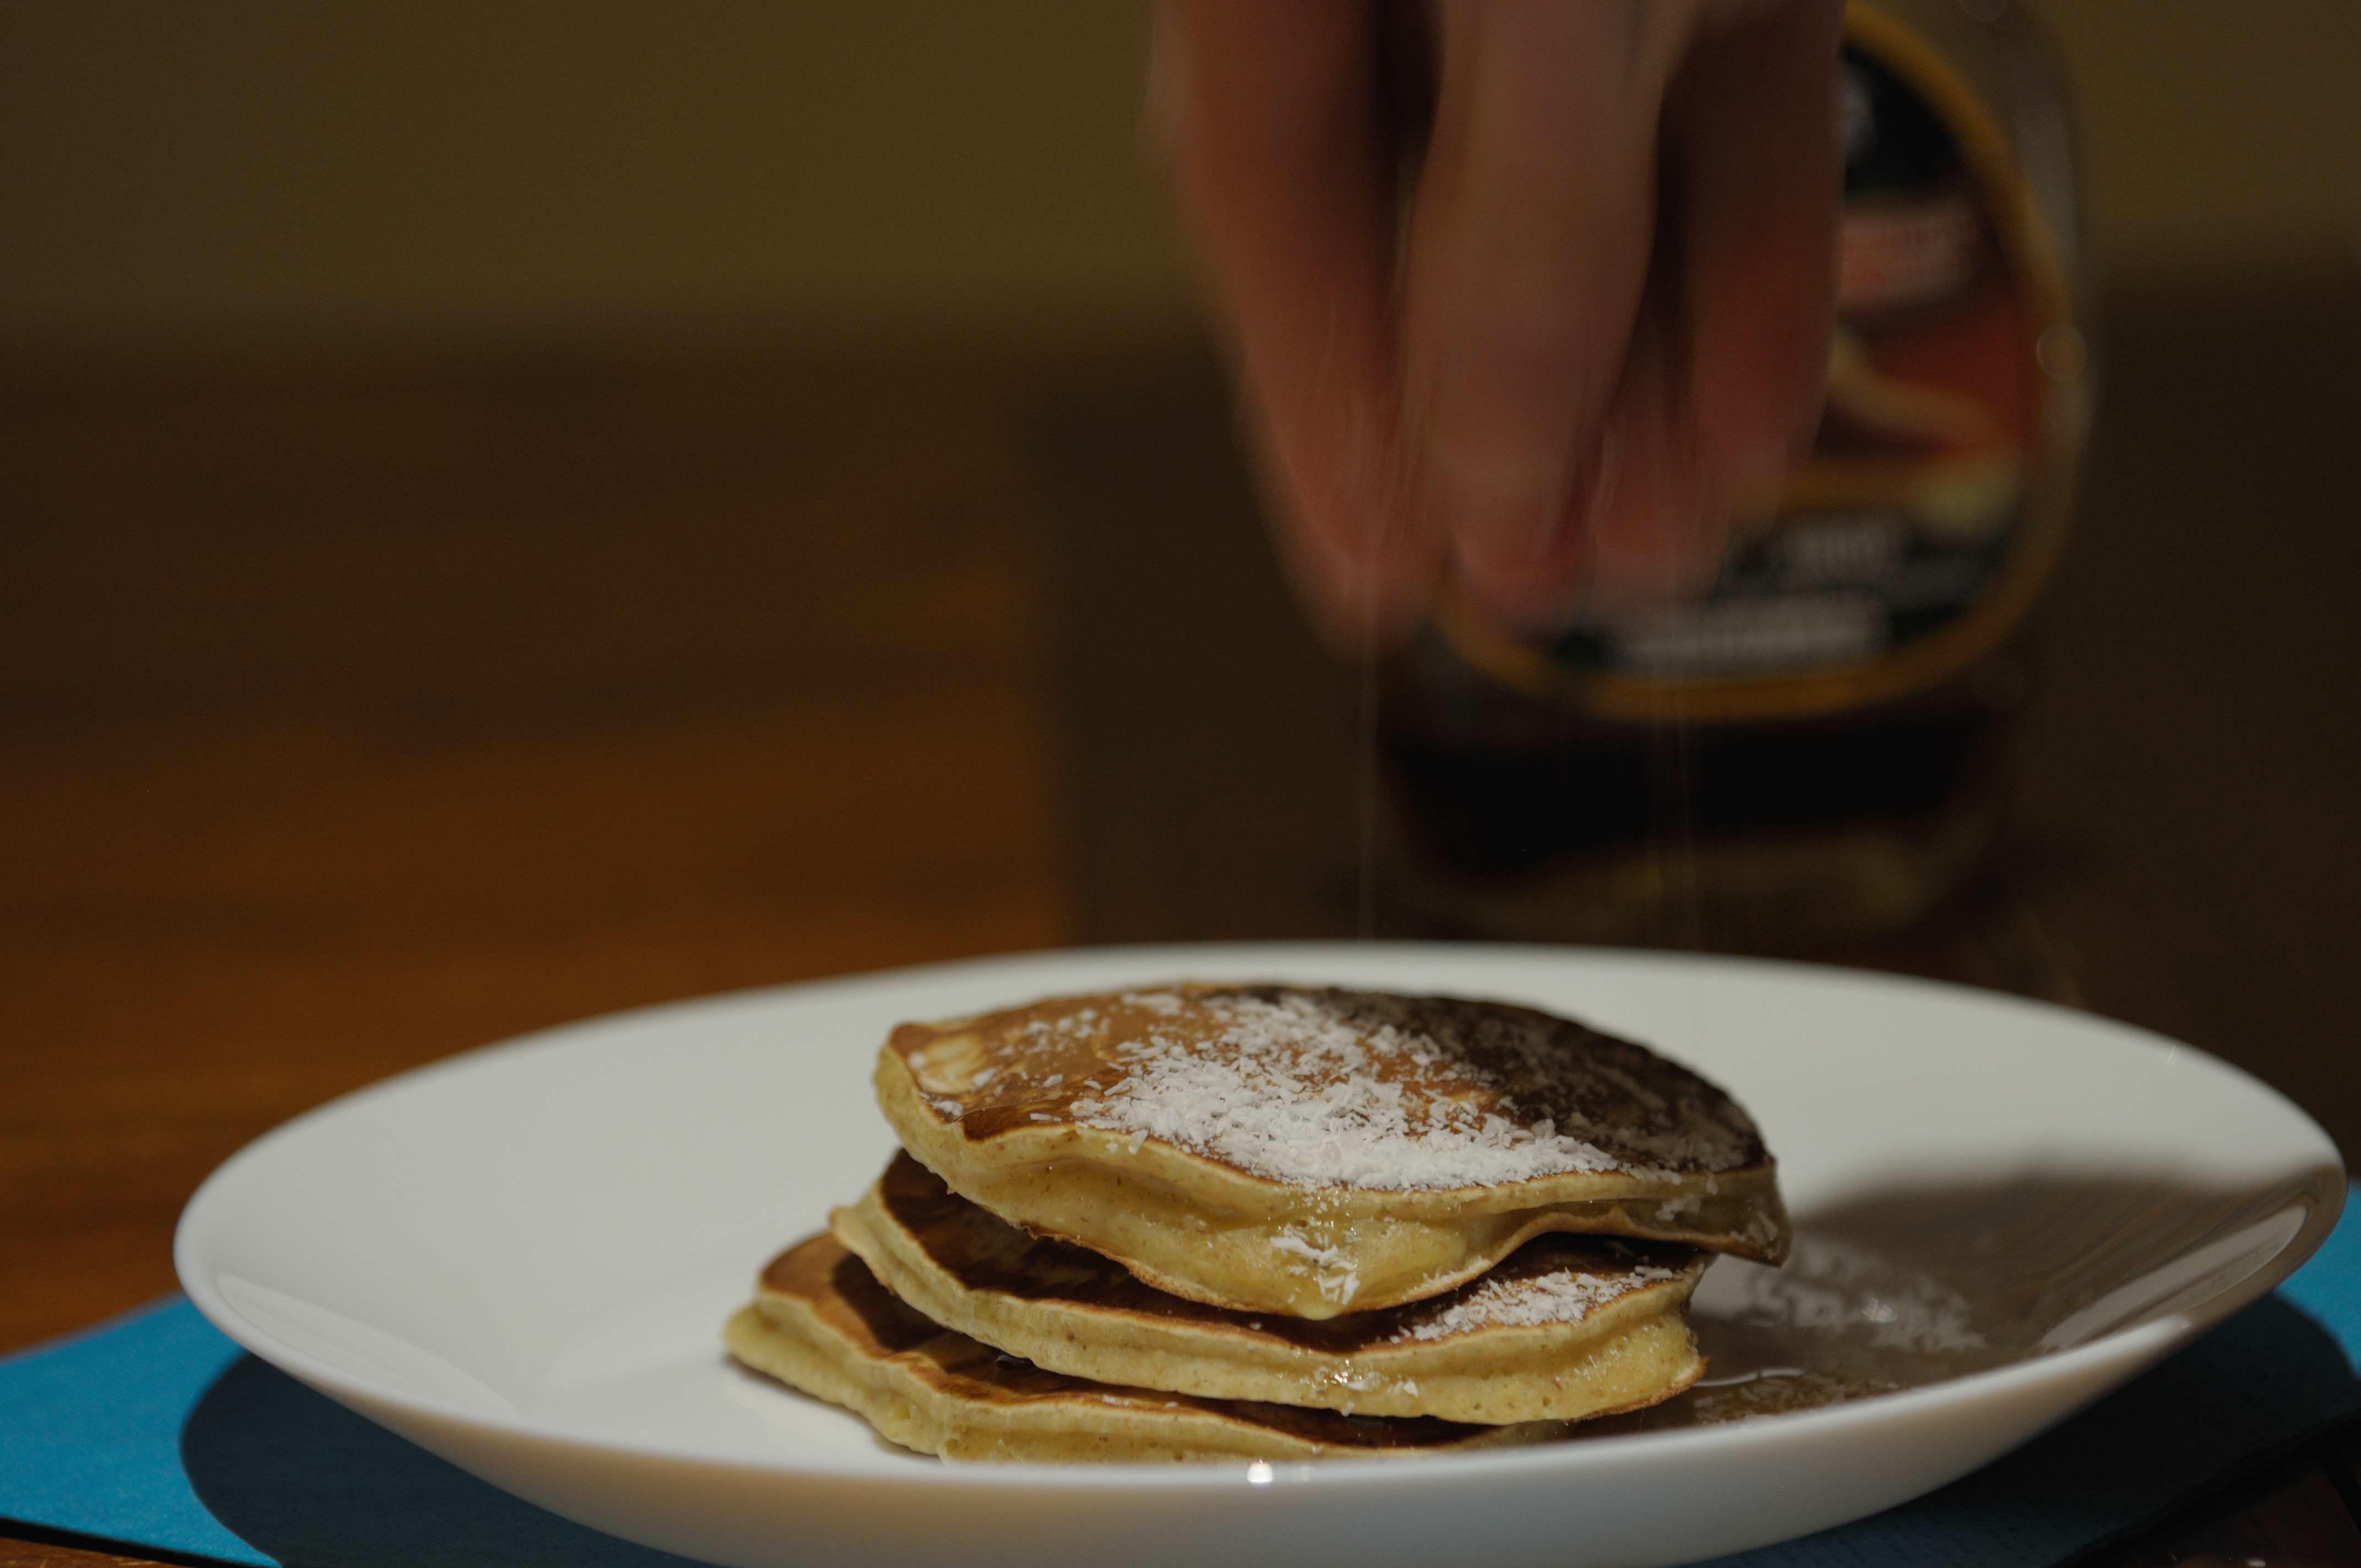 Ricetta Pancake Nella Bottiglia.Pancake In Bottiglia Mamme In Cucina E Dintorni